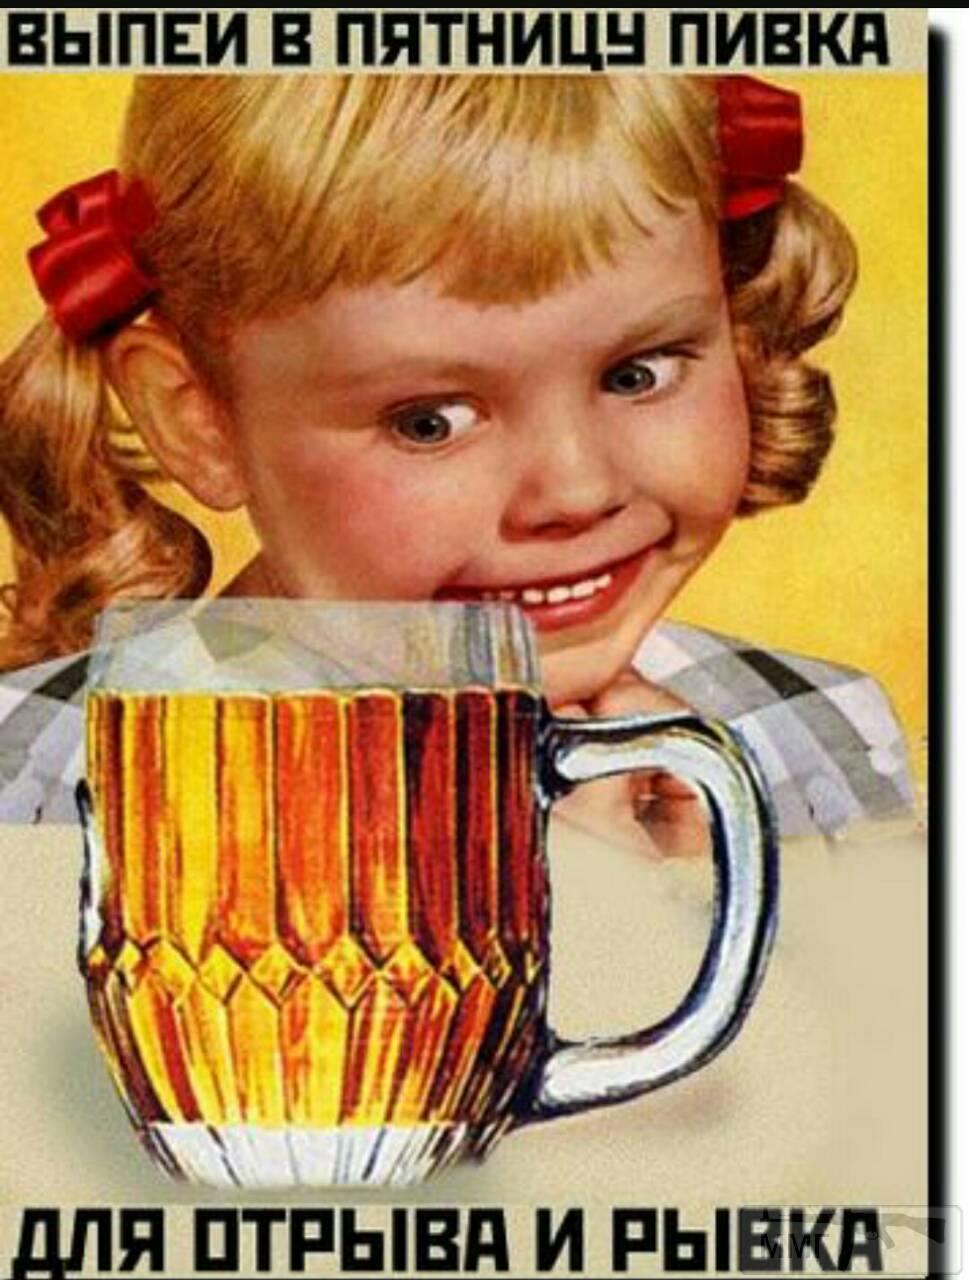 35599 - Пить или не пить? - пятничная алкогольная тема )))